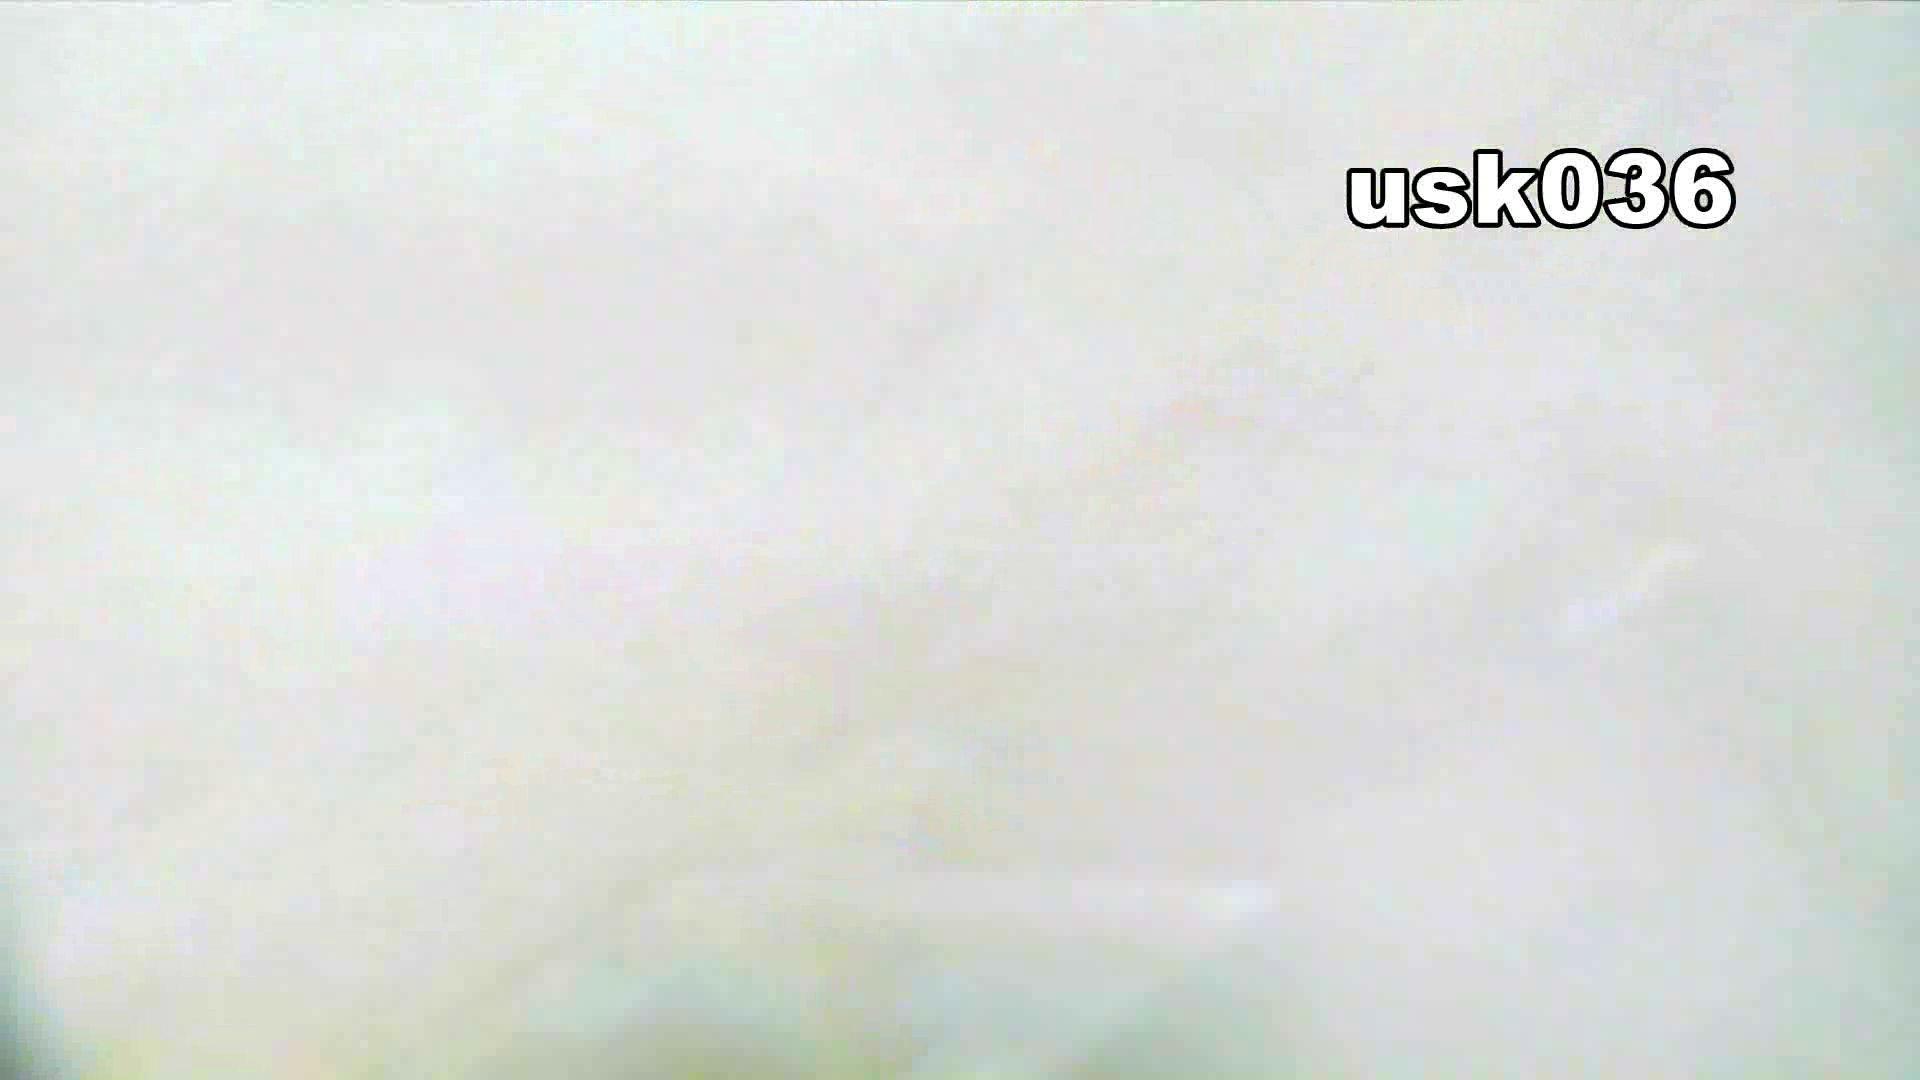 【美しき個室な世界】 vol.036 軟アリ 洗面所着替え | OL  96連発 86